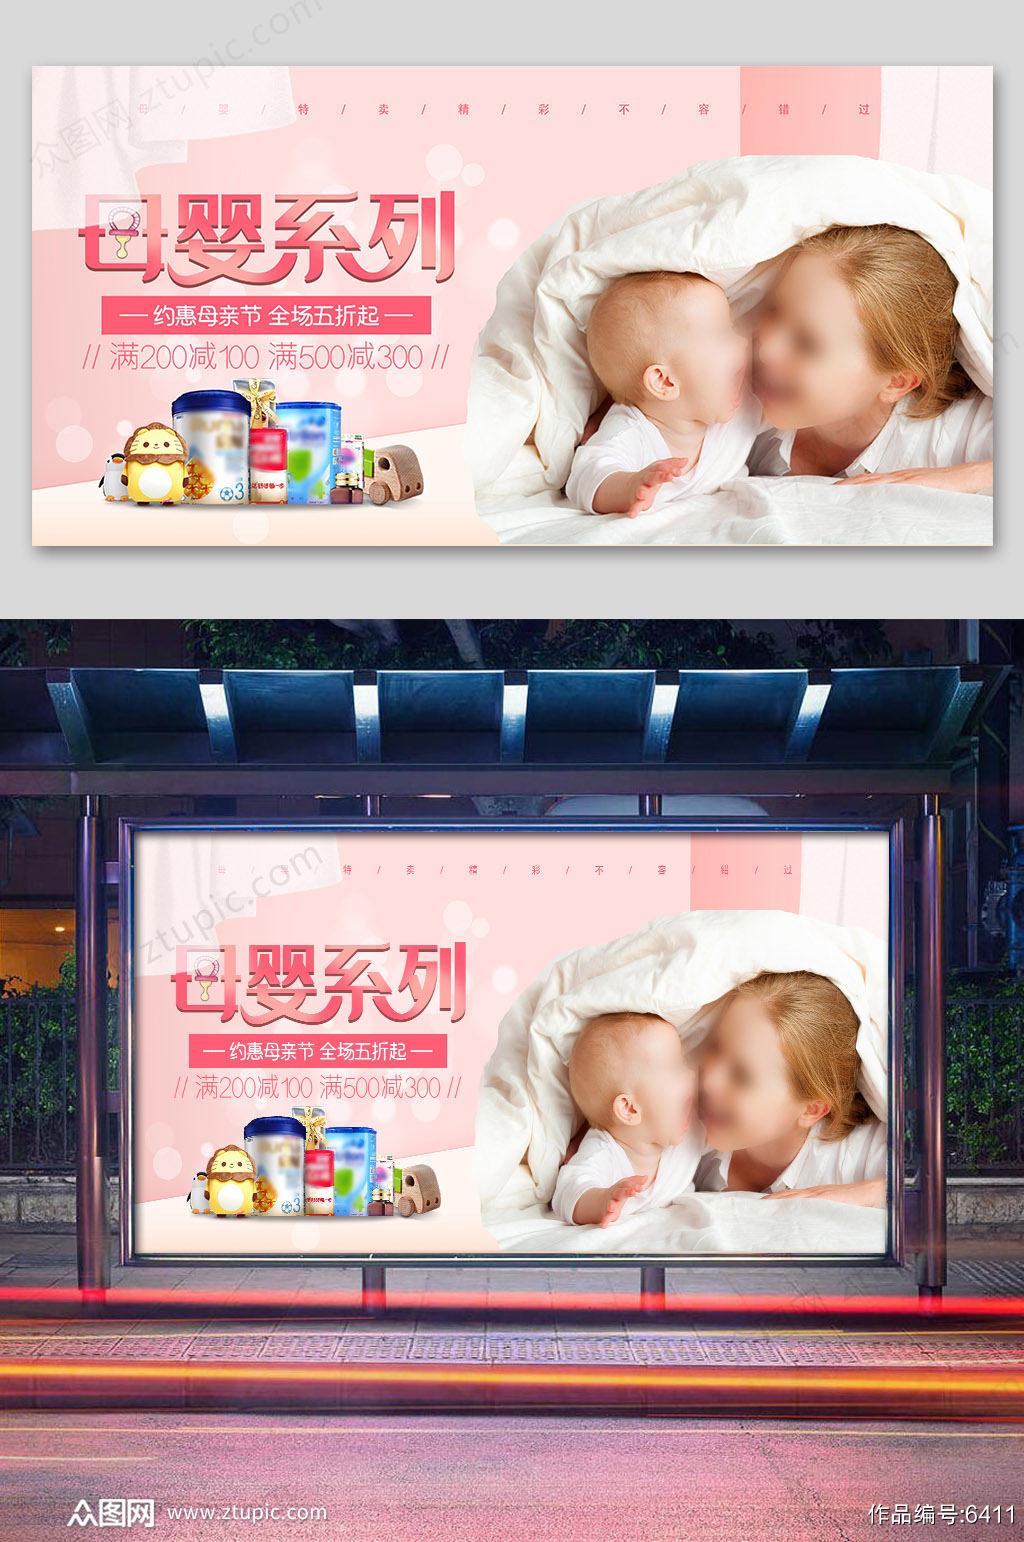 粉色母婴用品促销横版海报素材